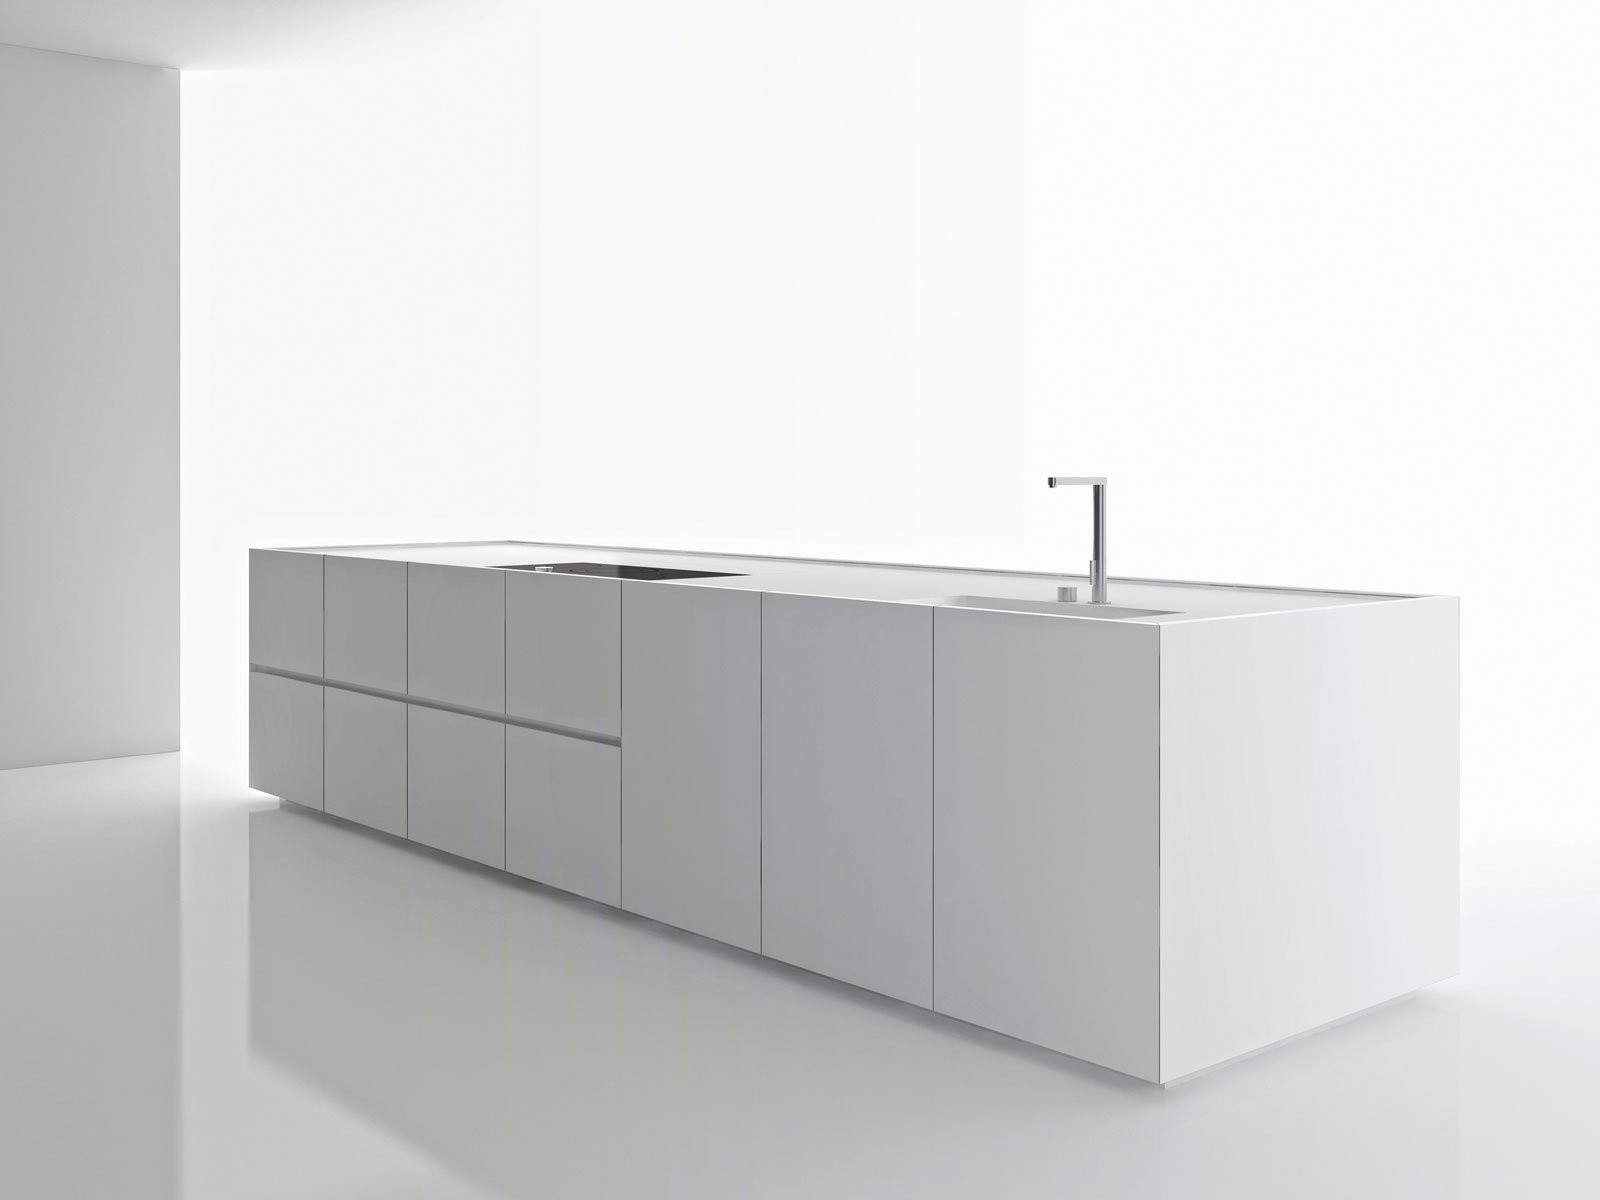 Progettuale Il Corian® Rappresenta Una Soluzione Ideale Per  #676962 1600 1200 Top Per Cucina Corian